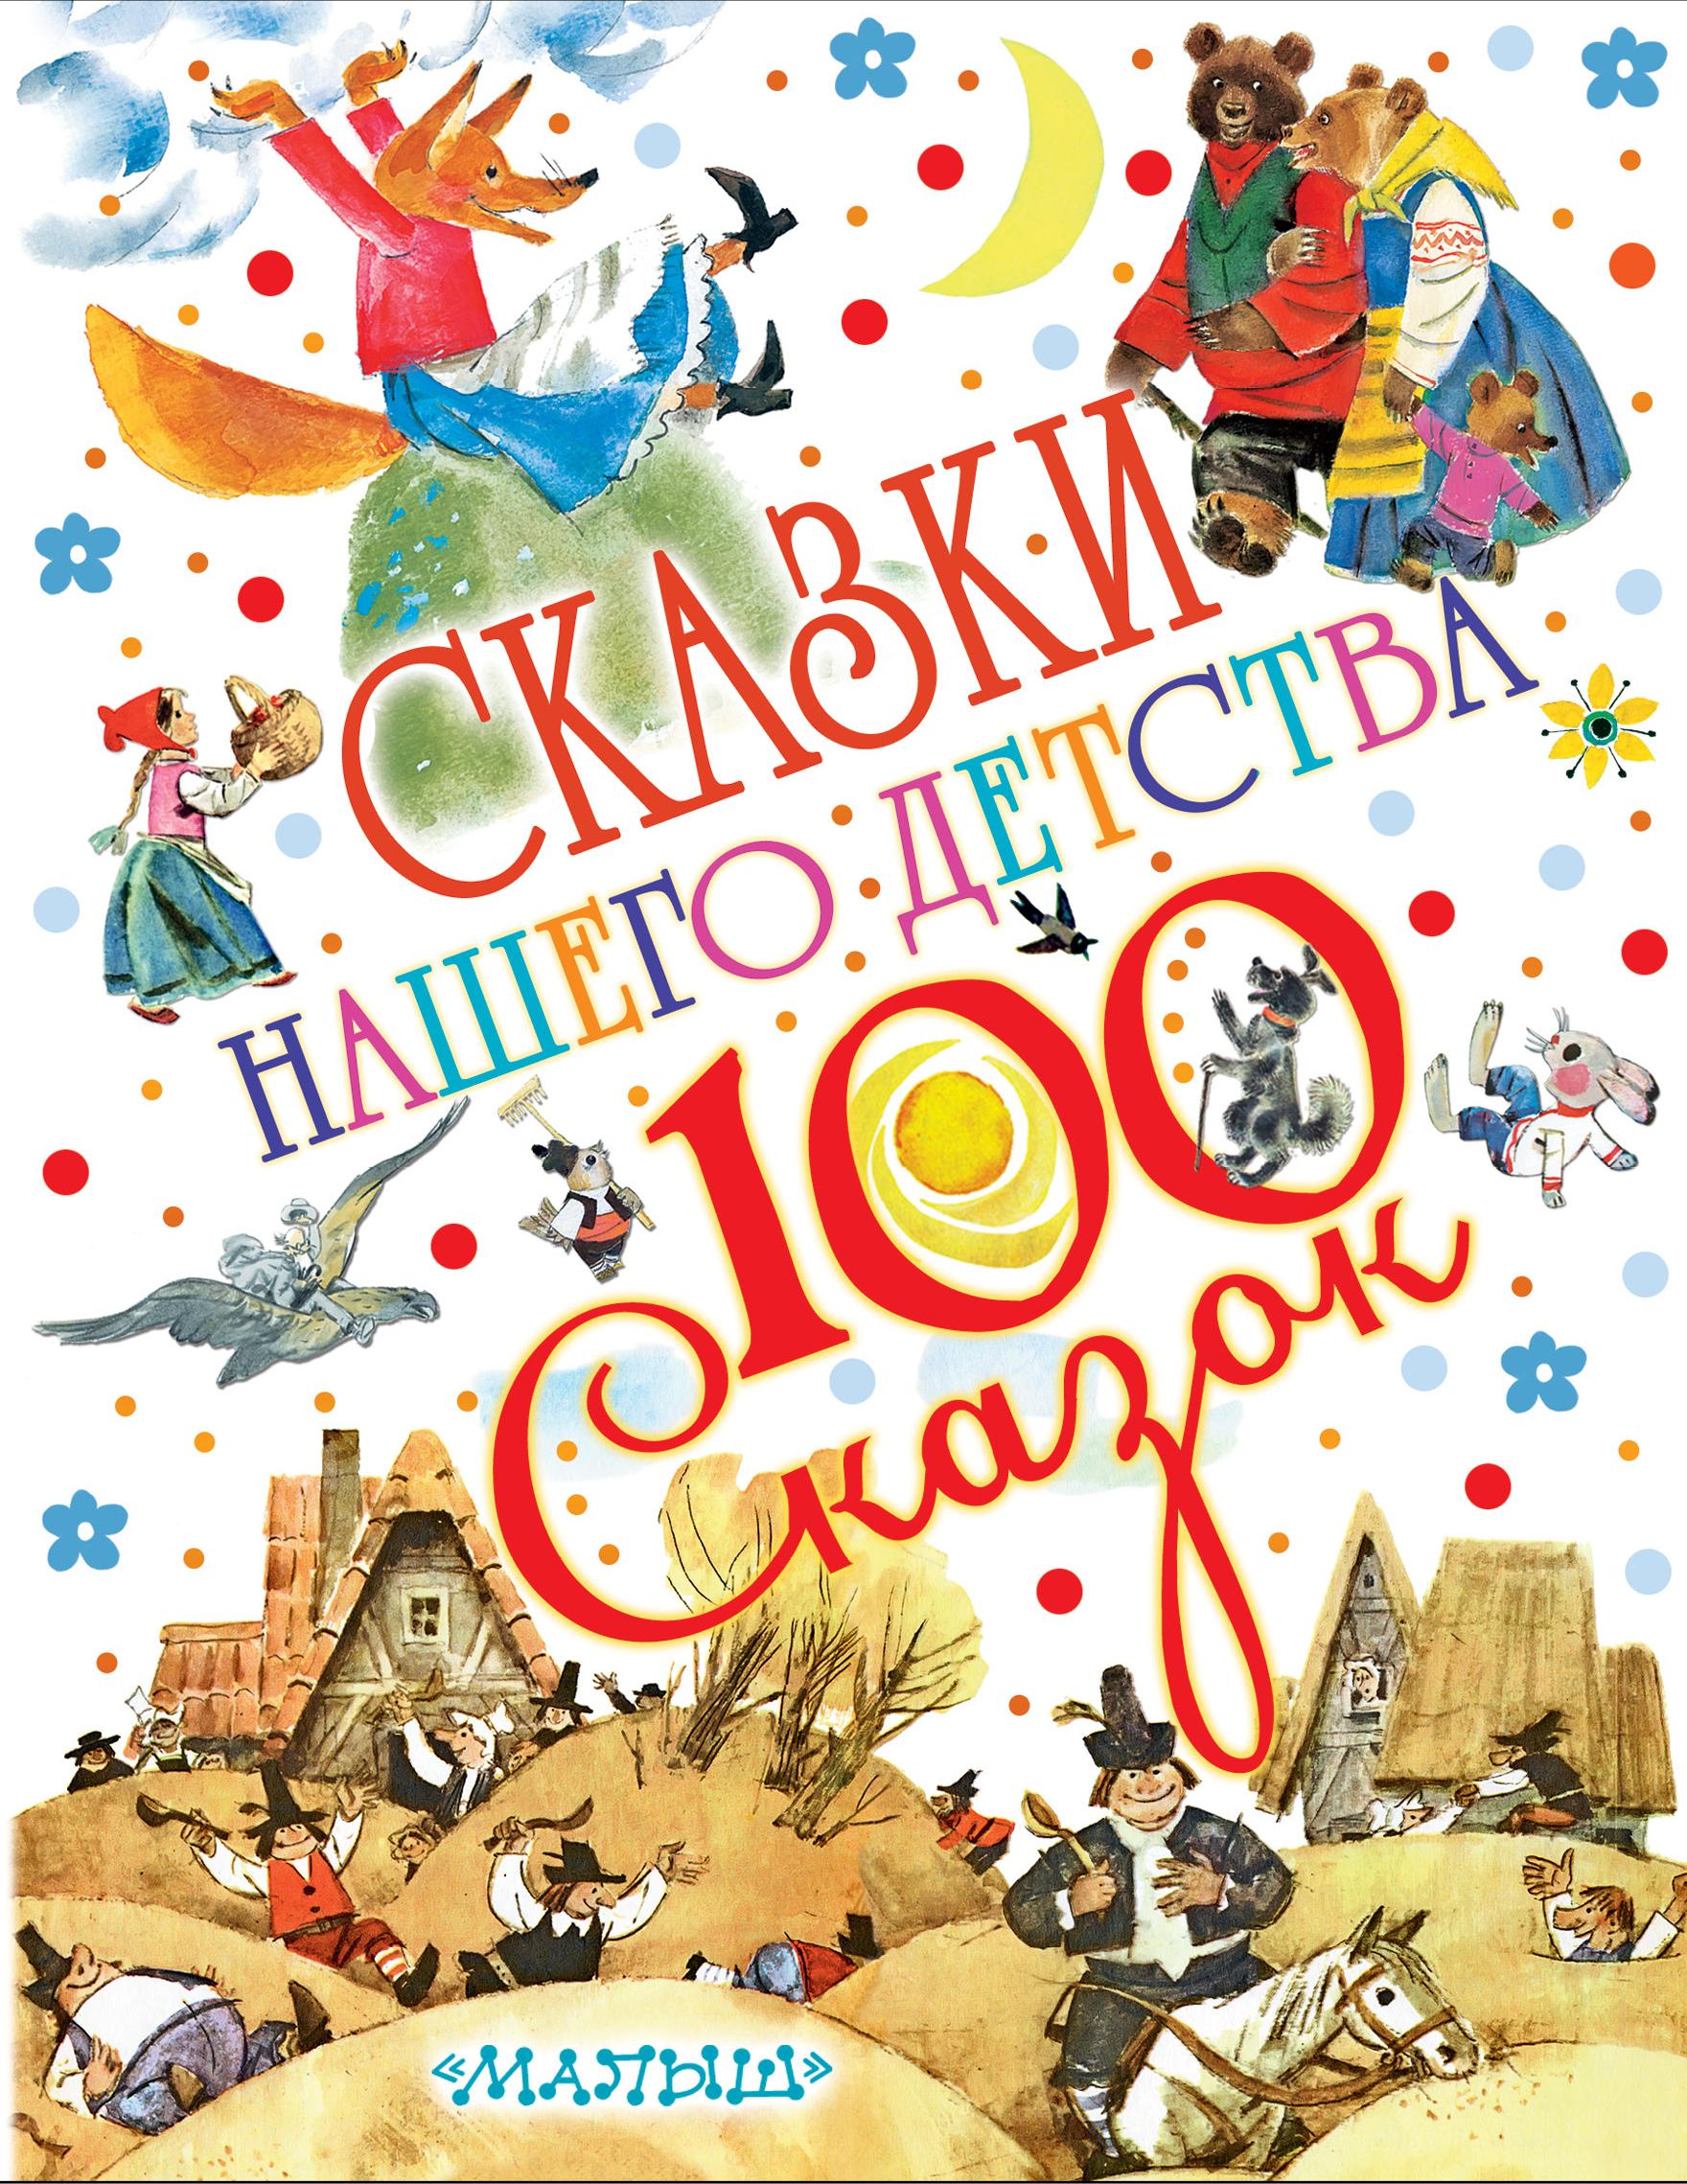 Л. Толстой, Н. Некрасов, К. Чуковский и др. Сказки нашего детства